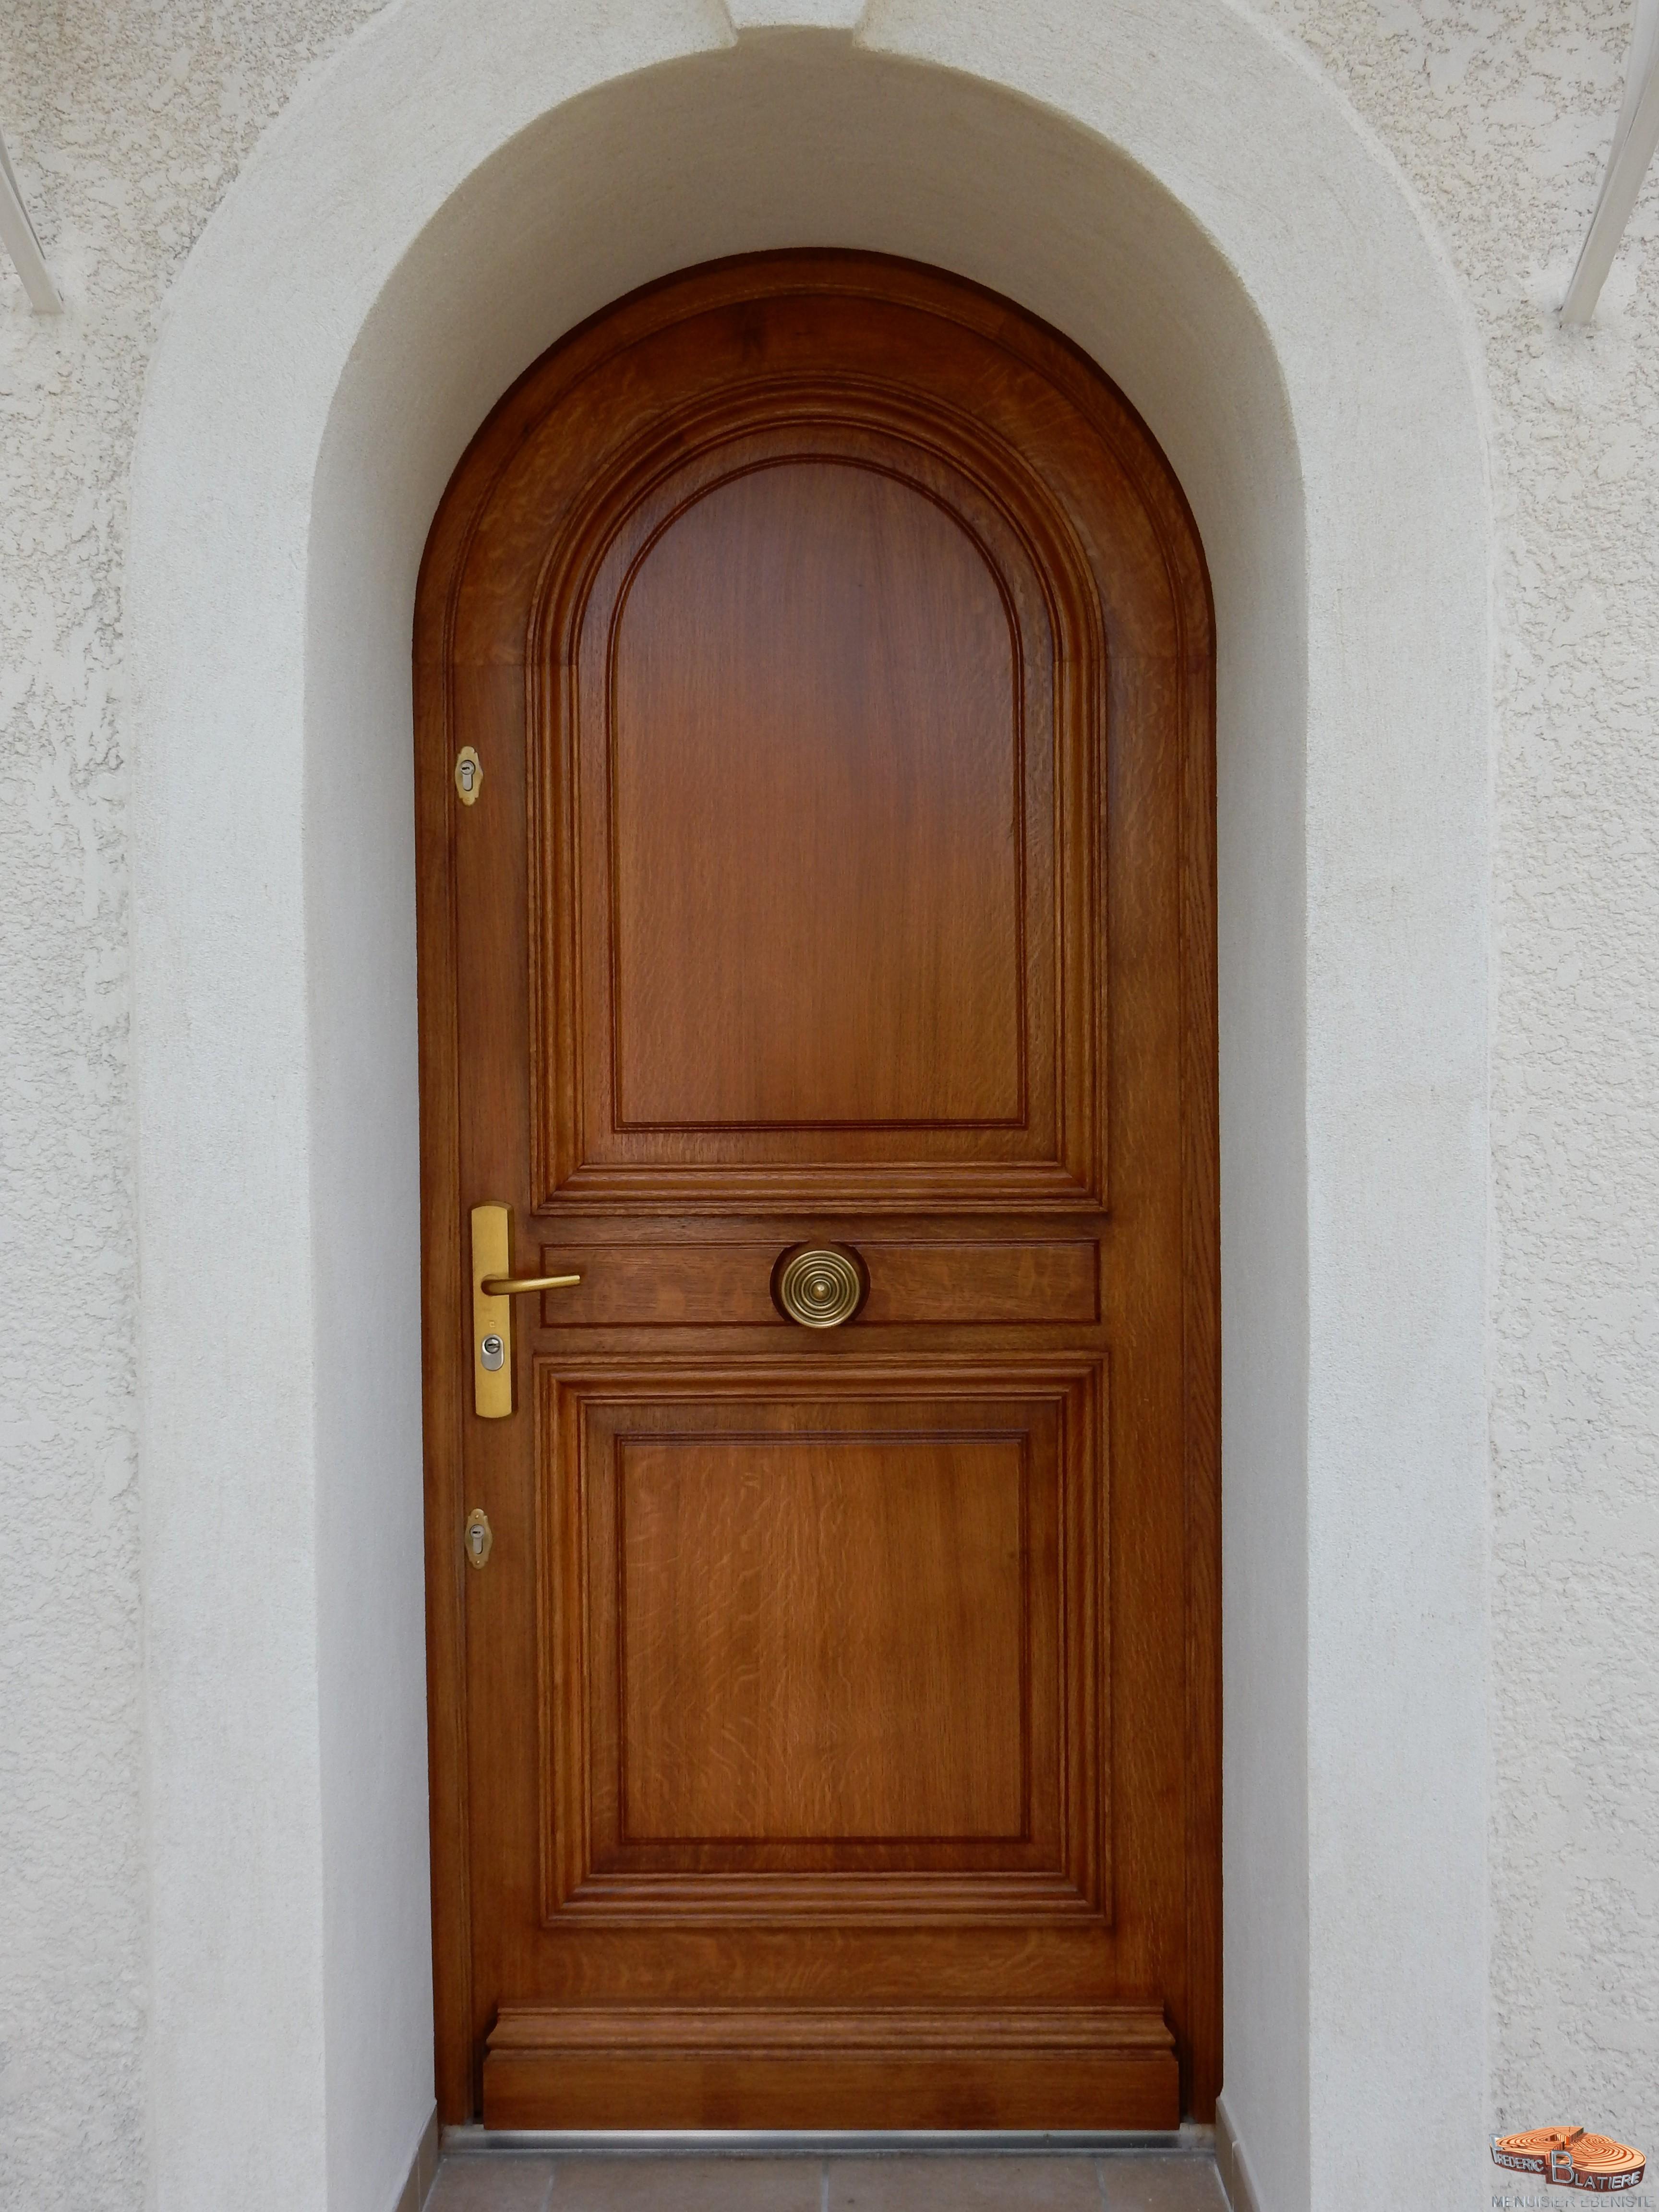 Porte De Lu0027église De Gallargues Le Montueux Avec Récupération Des Pentures.  Bois: Châtaignier.